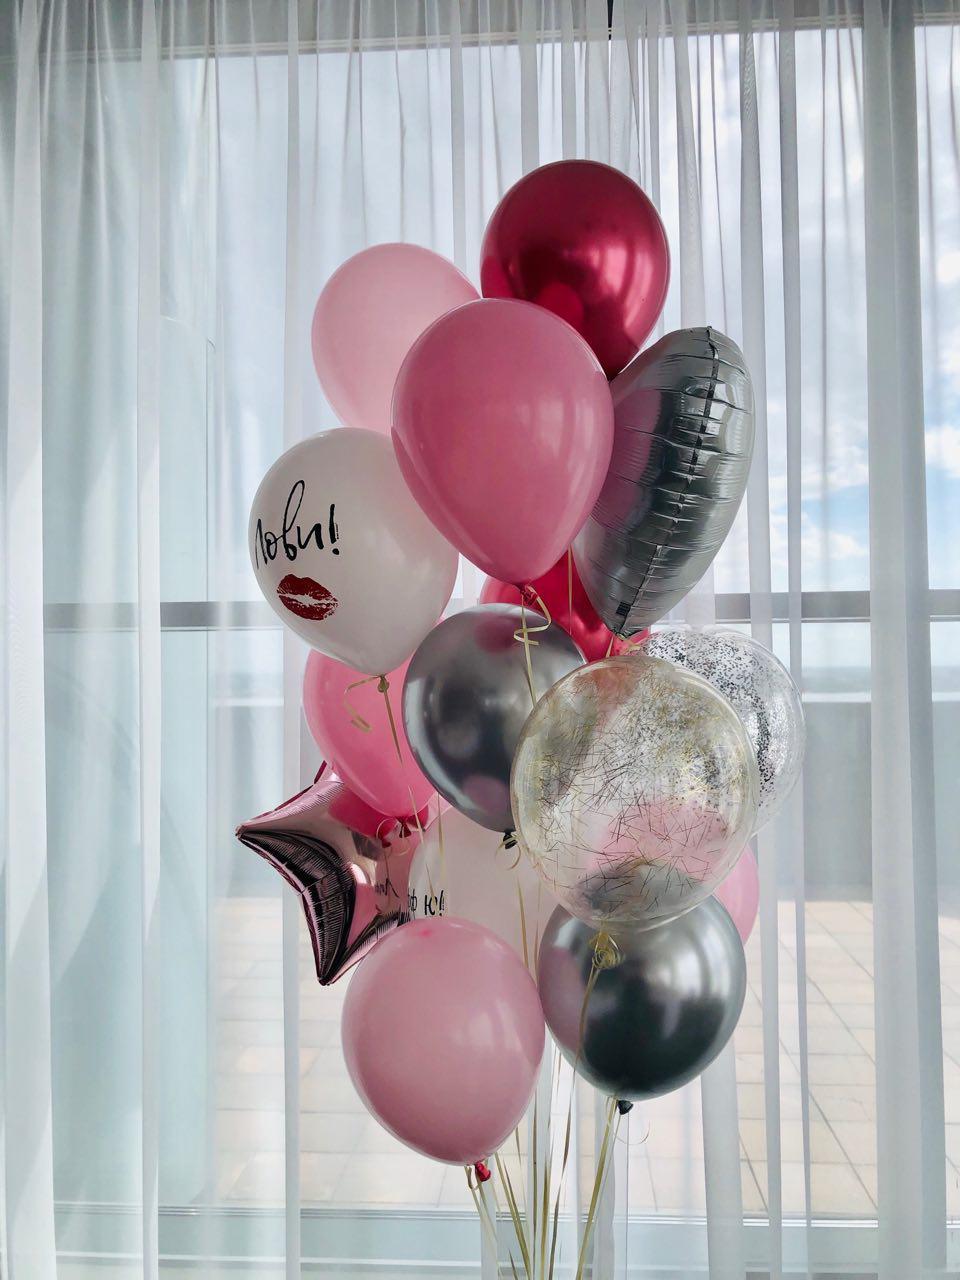 дизайн воздушных шаров фото будет